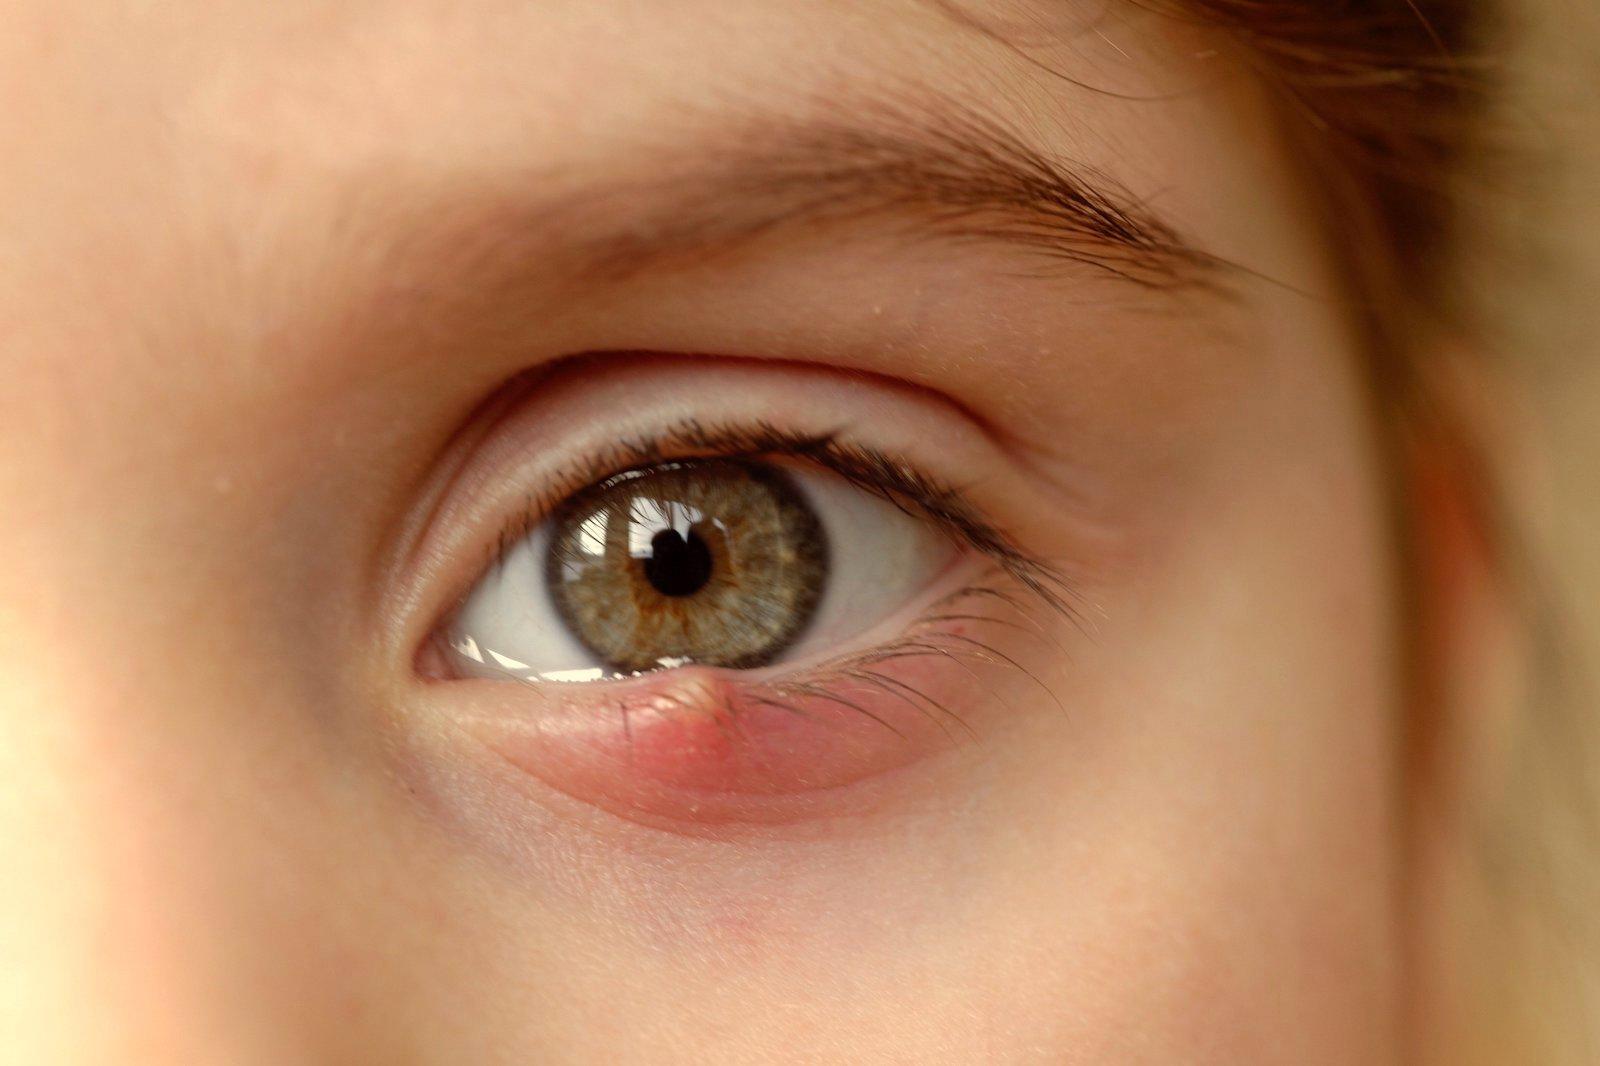 amețeli persistente cu vedere încețoșată viziune fără pilule